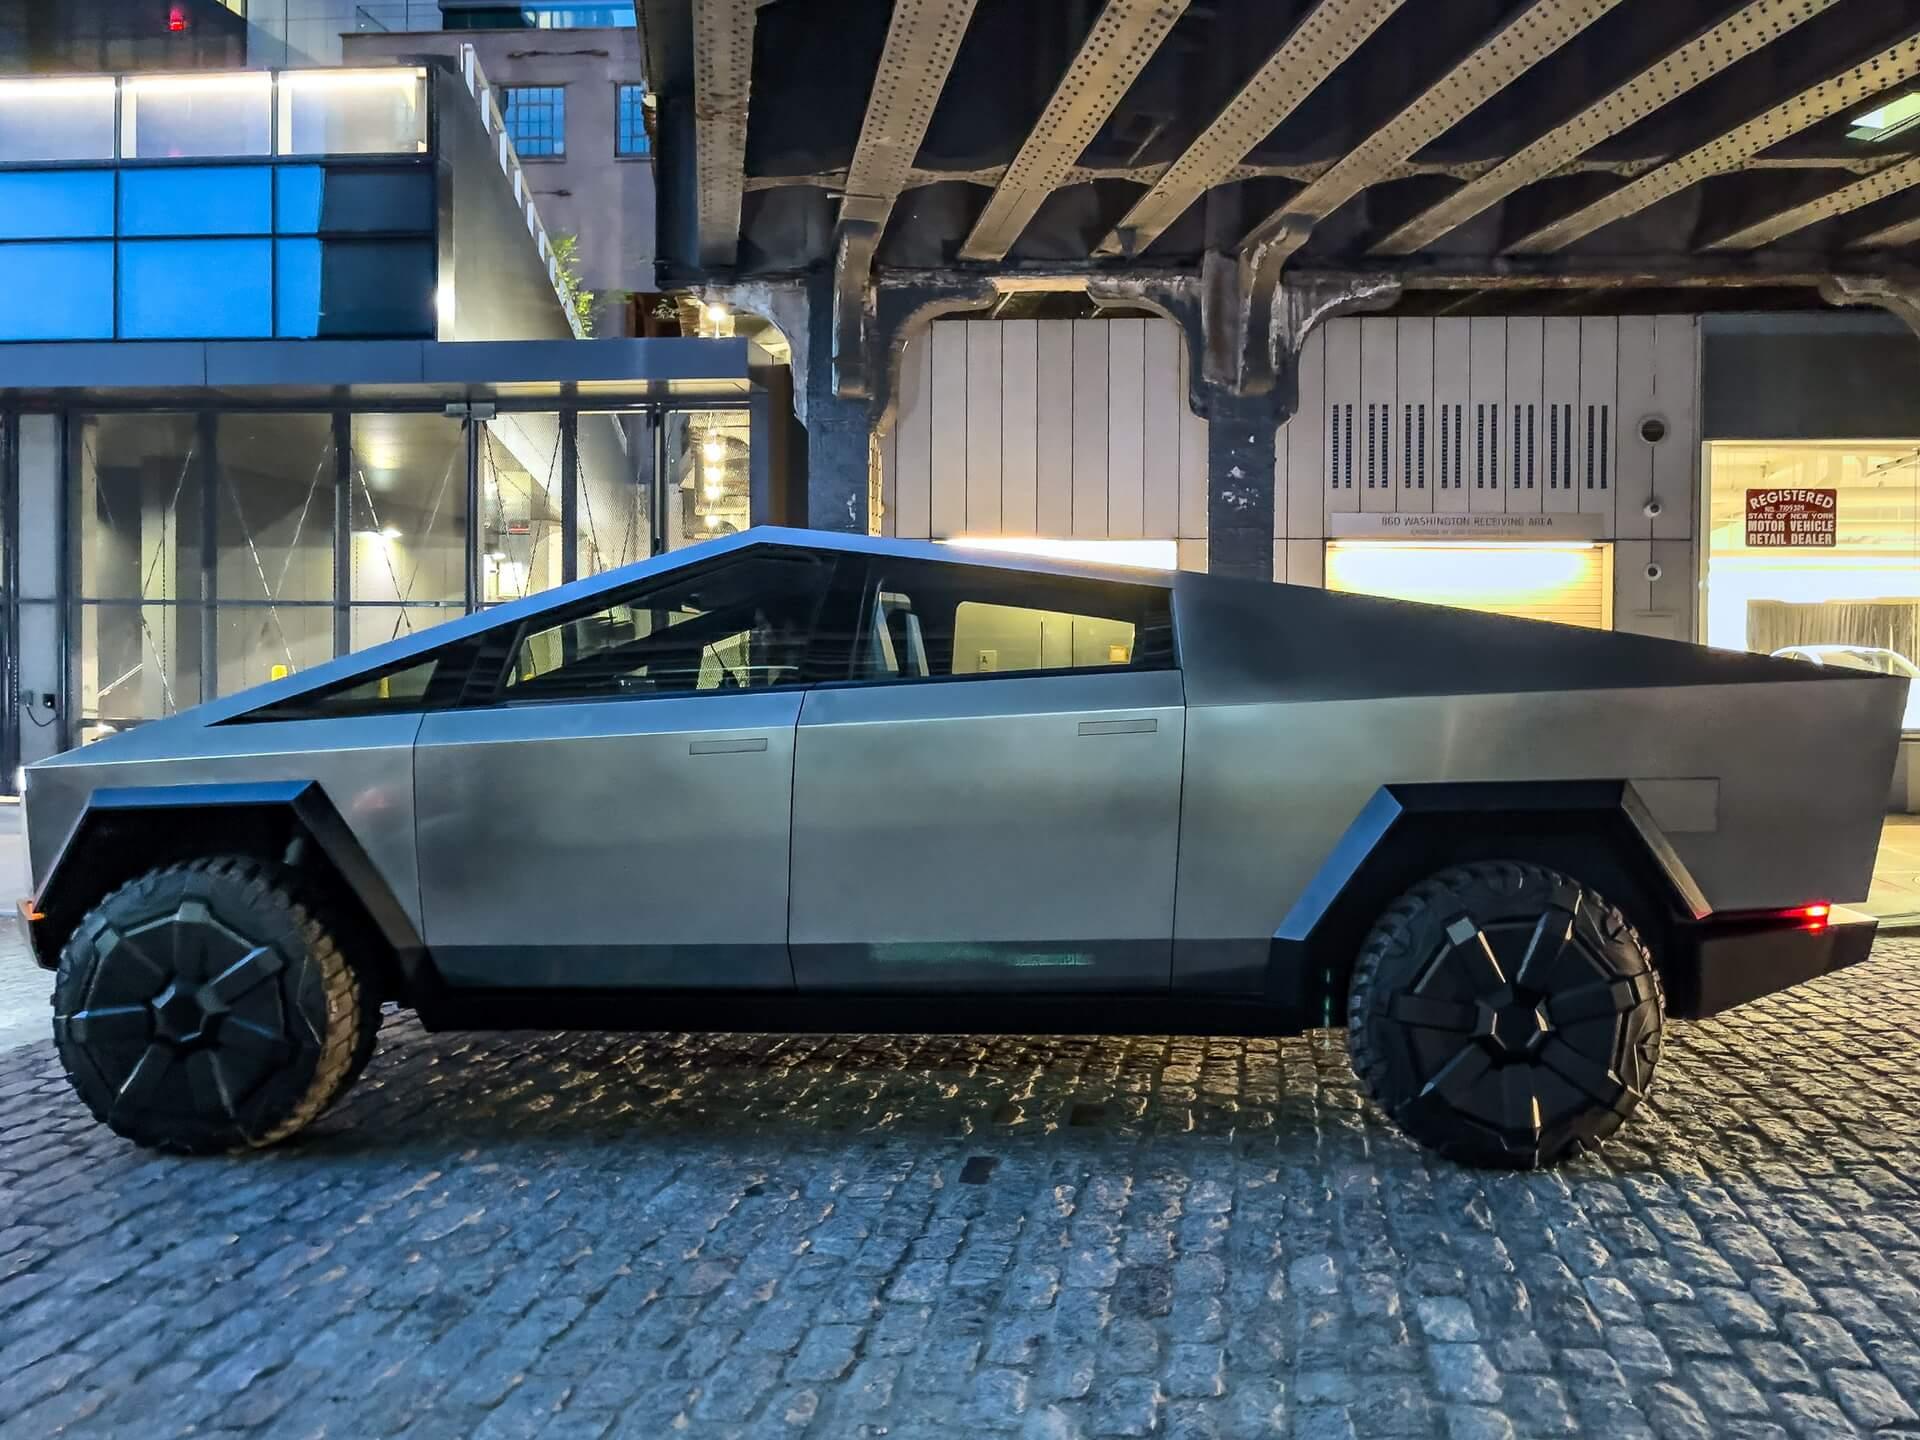 Прототип Tesla Cybertruck в Нью-Йорке